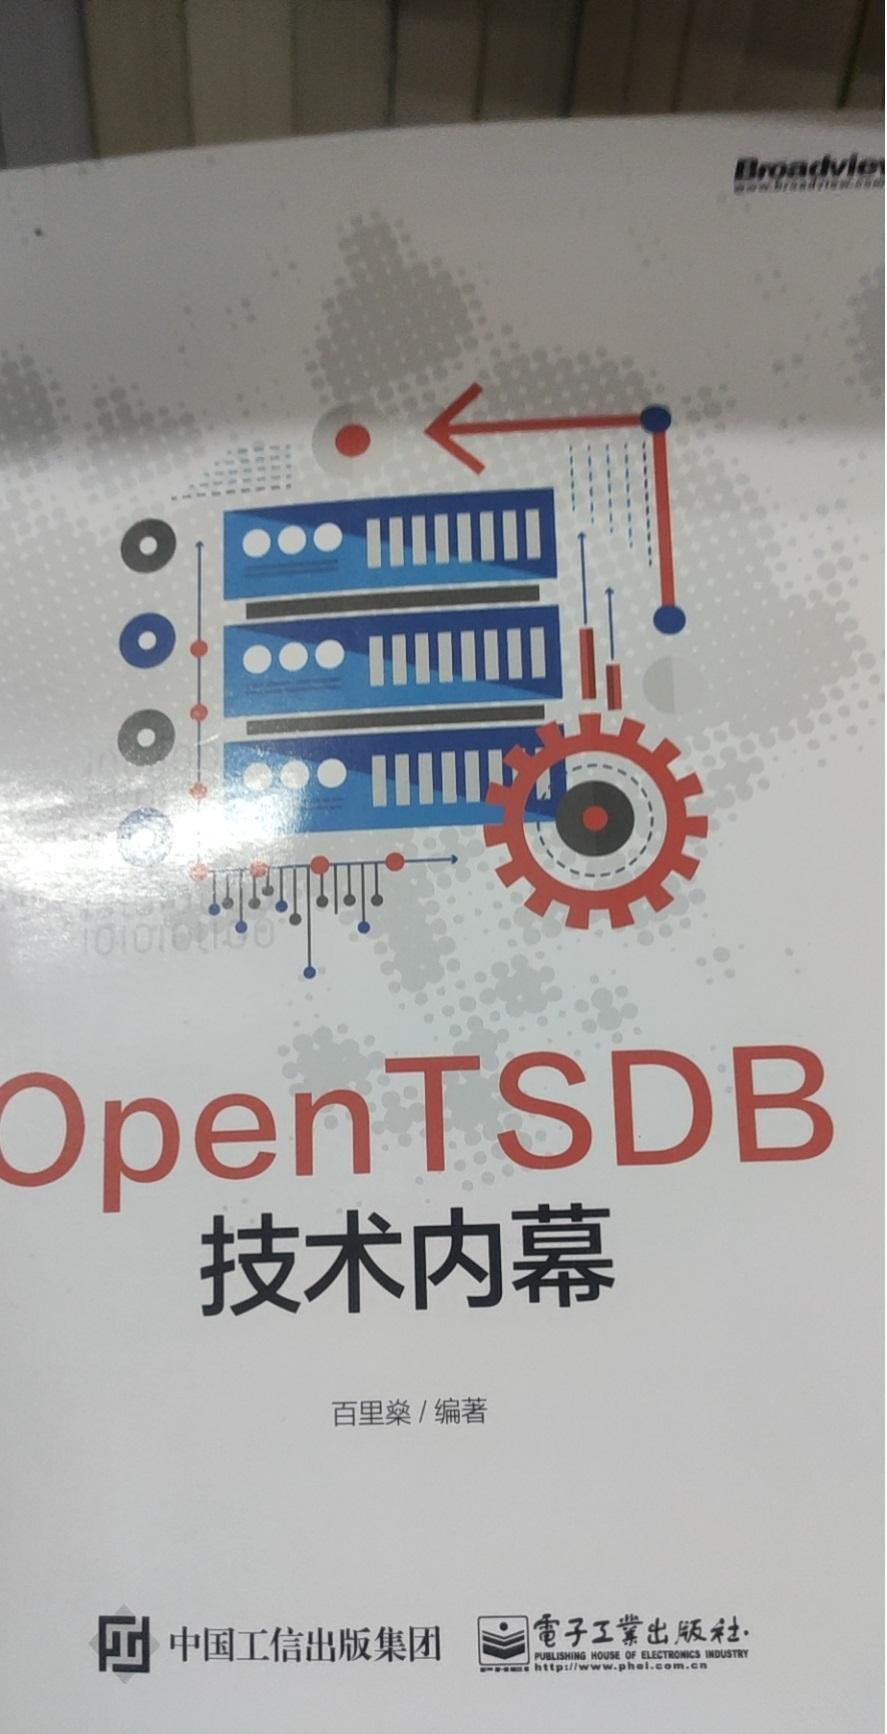 OpenTSDB2